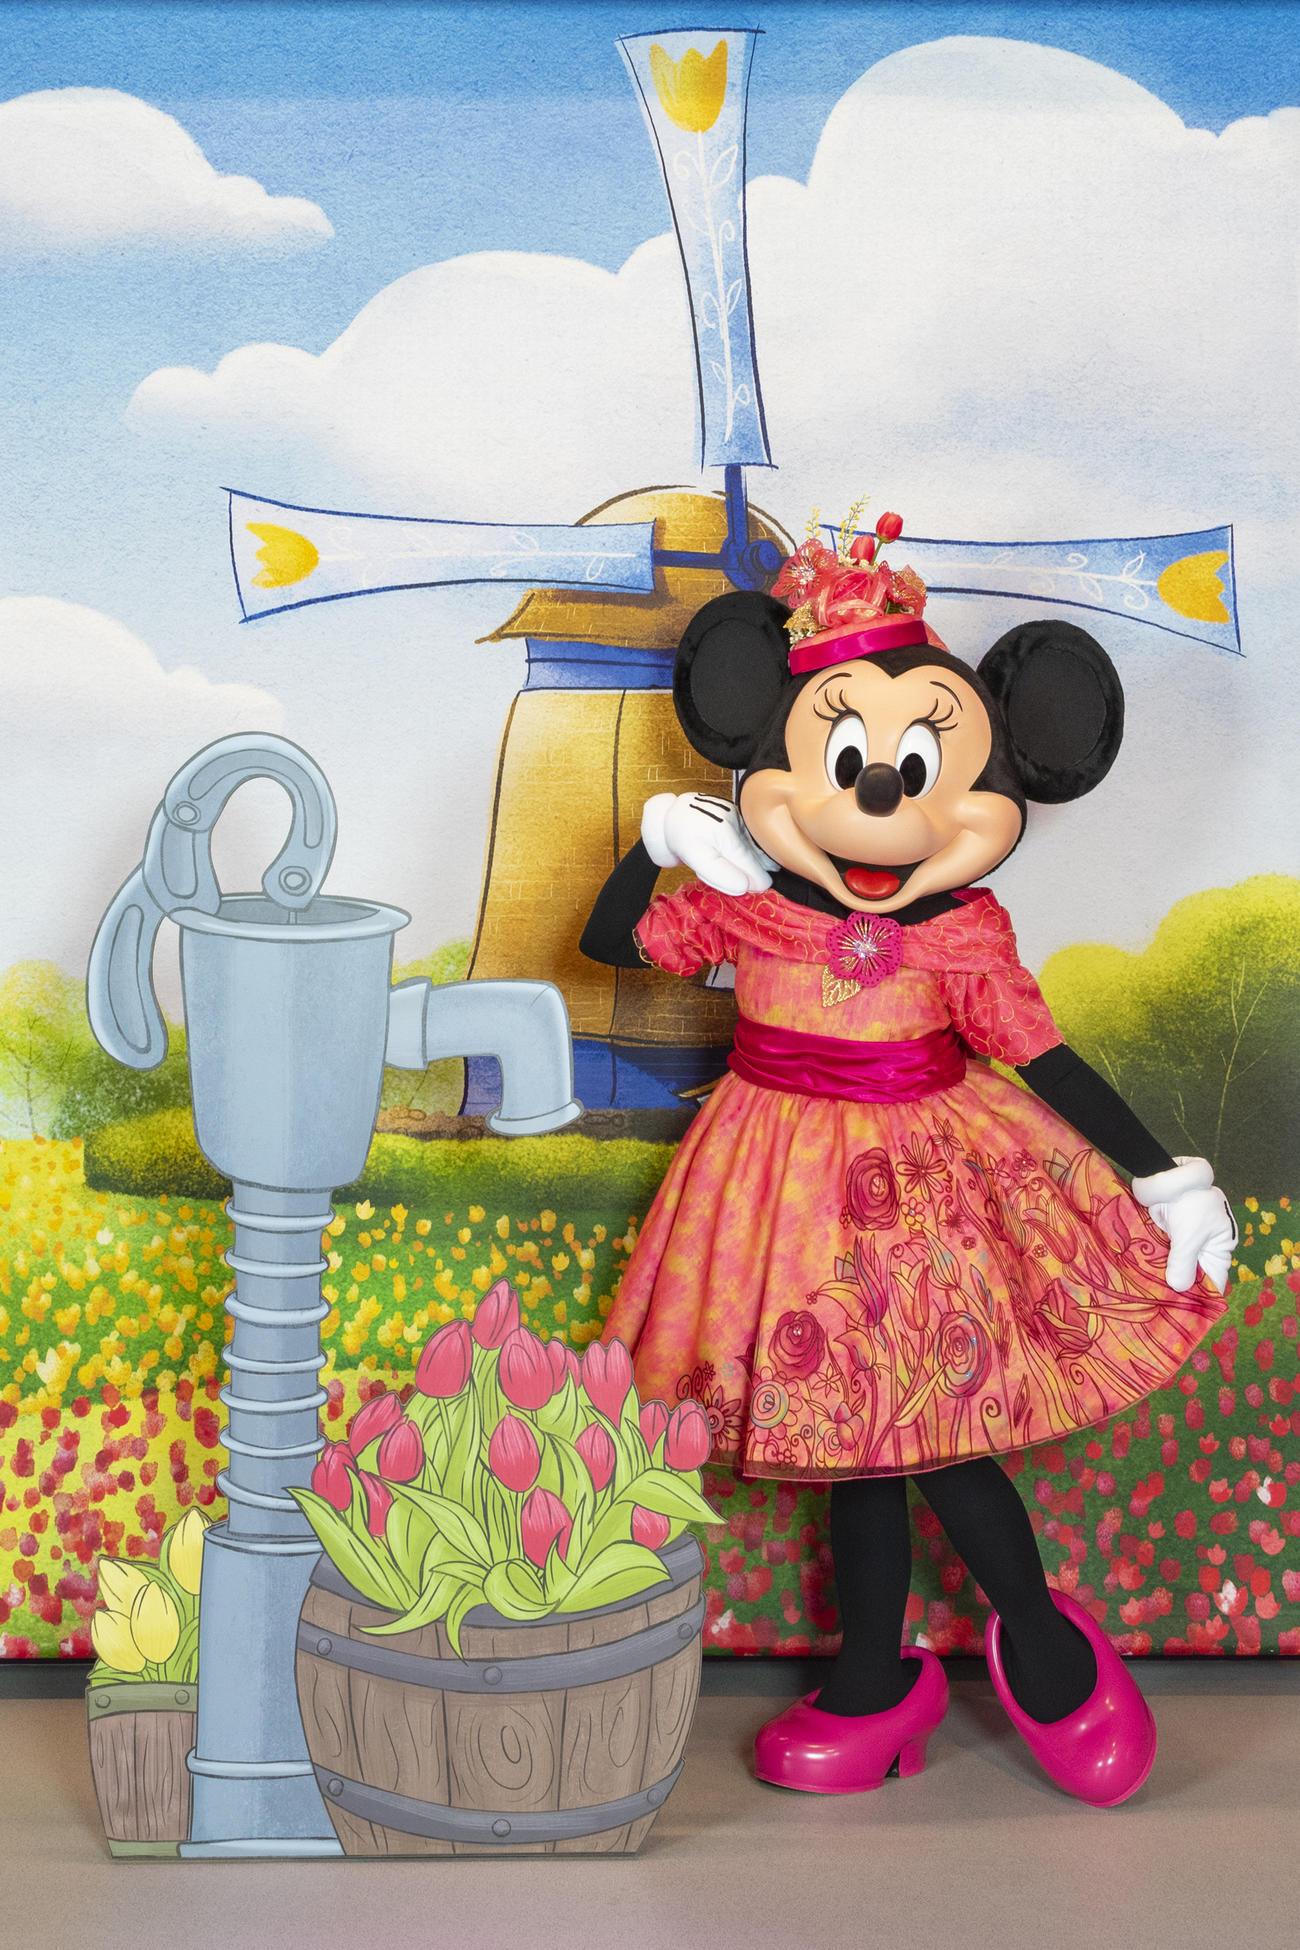 春らしいファッションをお披露目したミニーマウス(C)Disney